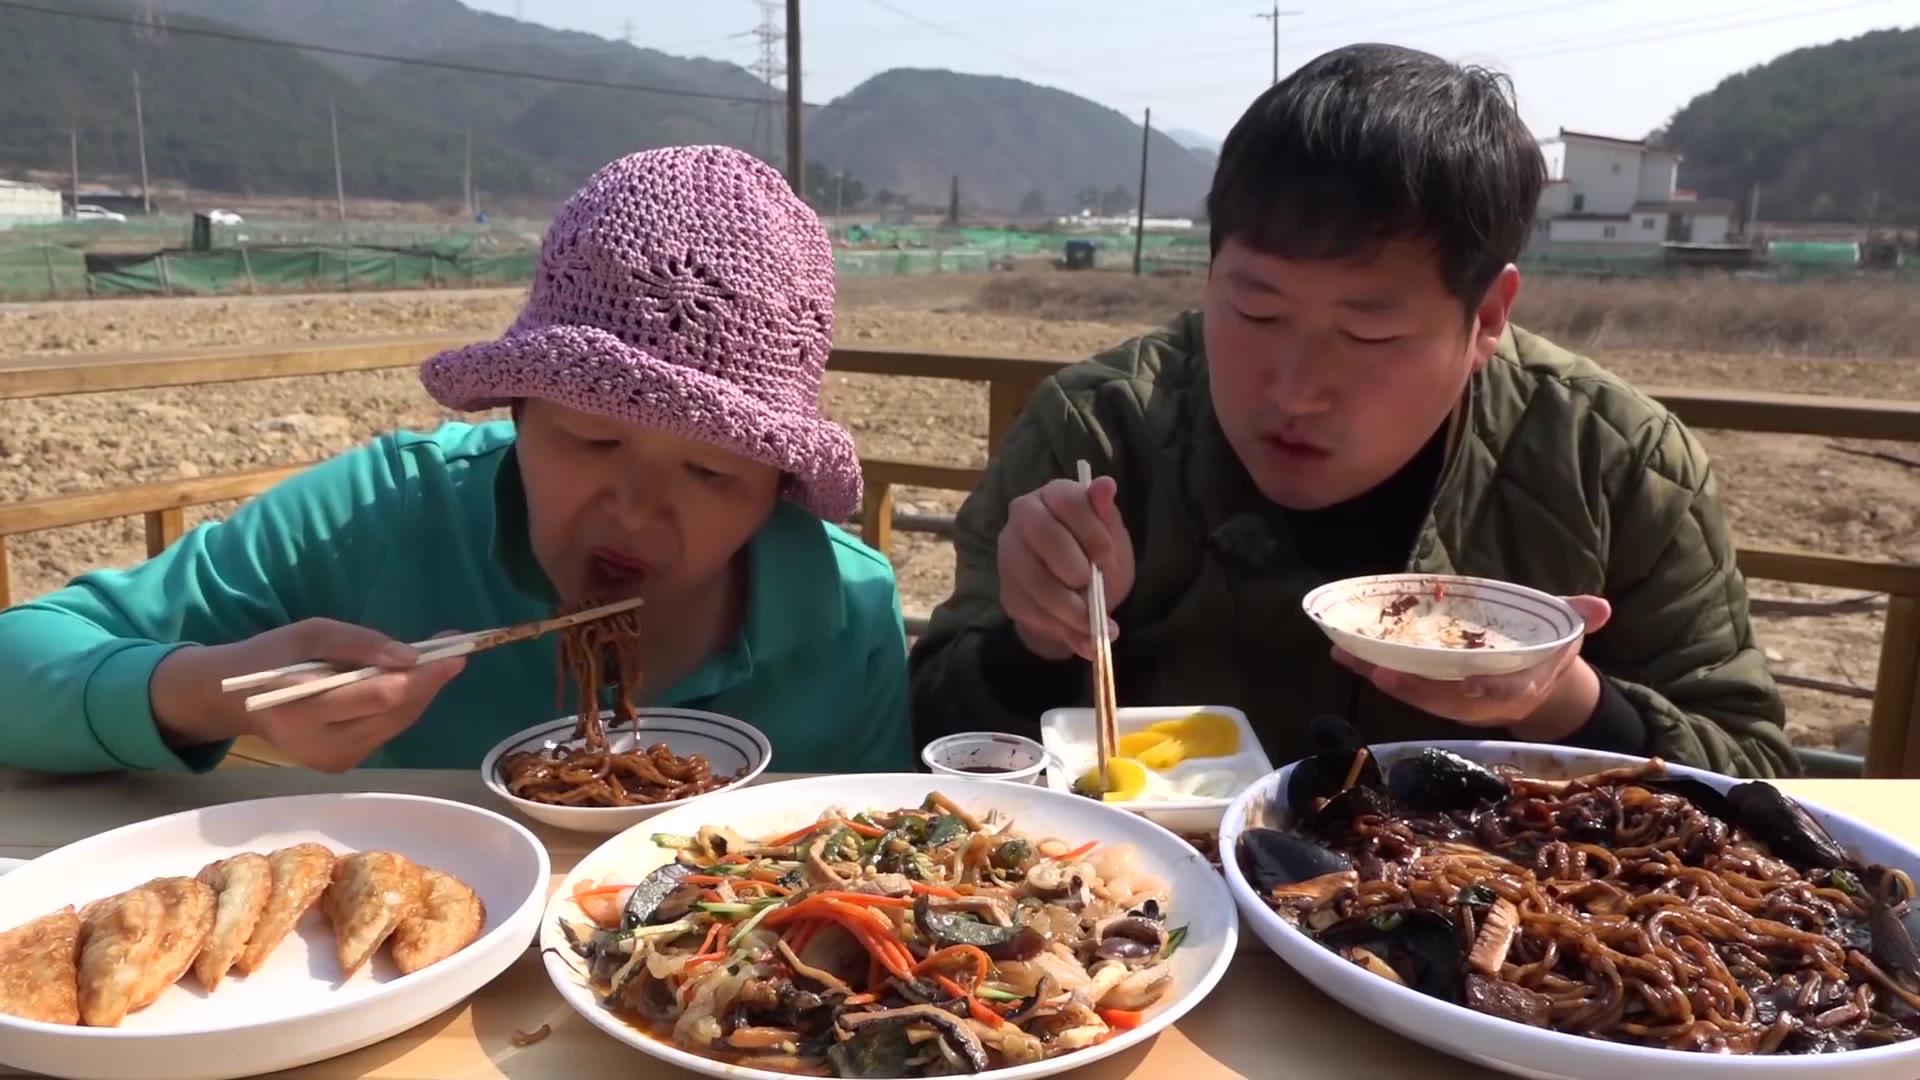 给妈妈买了最喜欢吃的海鲜什锦和炸酱面,加上煎饺吃的真幸福!